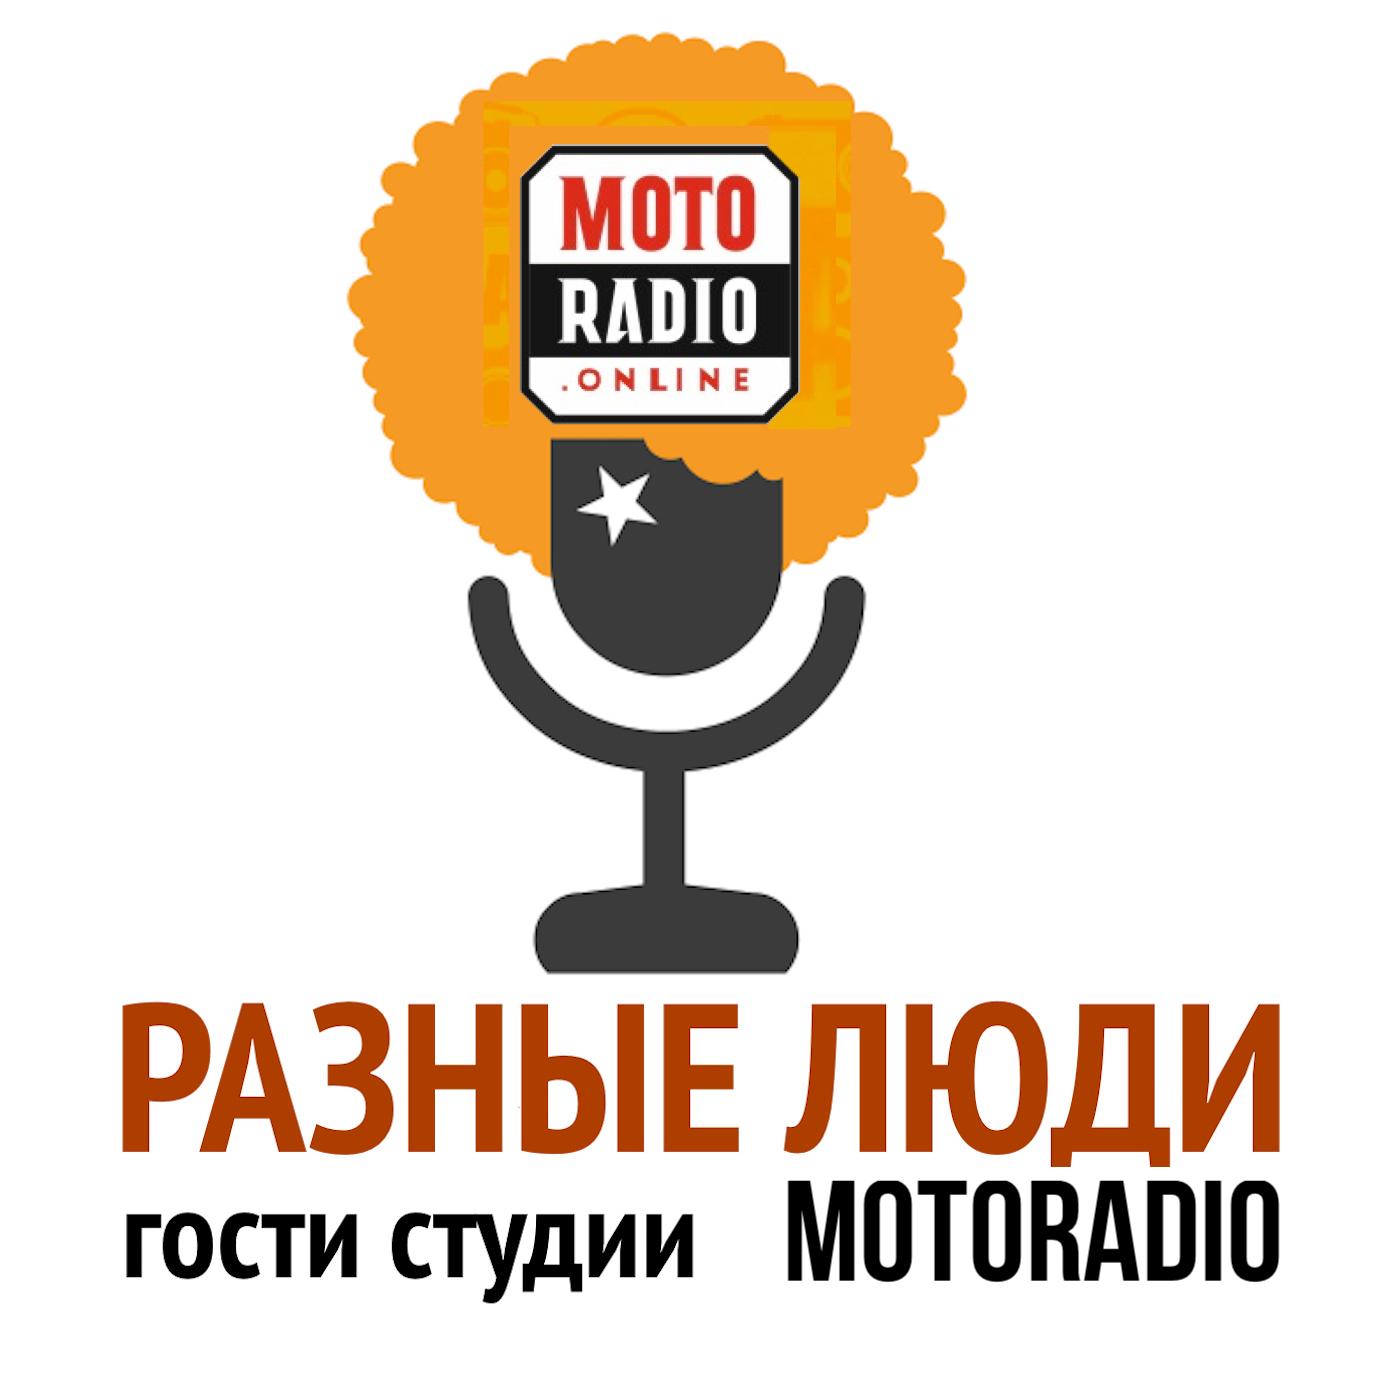 """Моторадио """"и даже творчество ШНУРА может показаться Вам искусством!"""" - Владимир Фейертаг, интервью."""